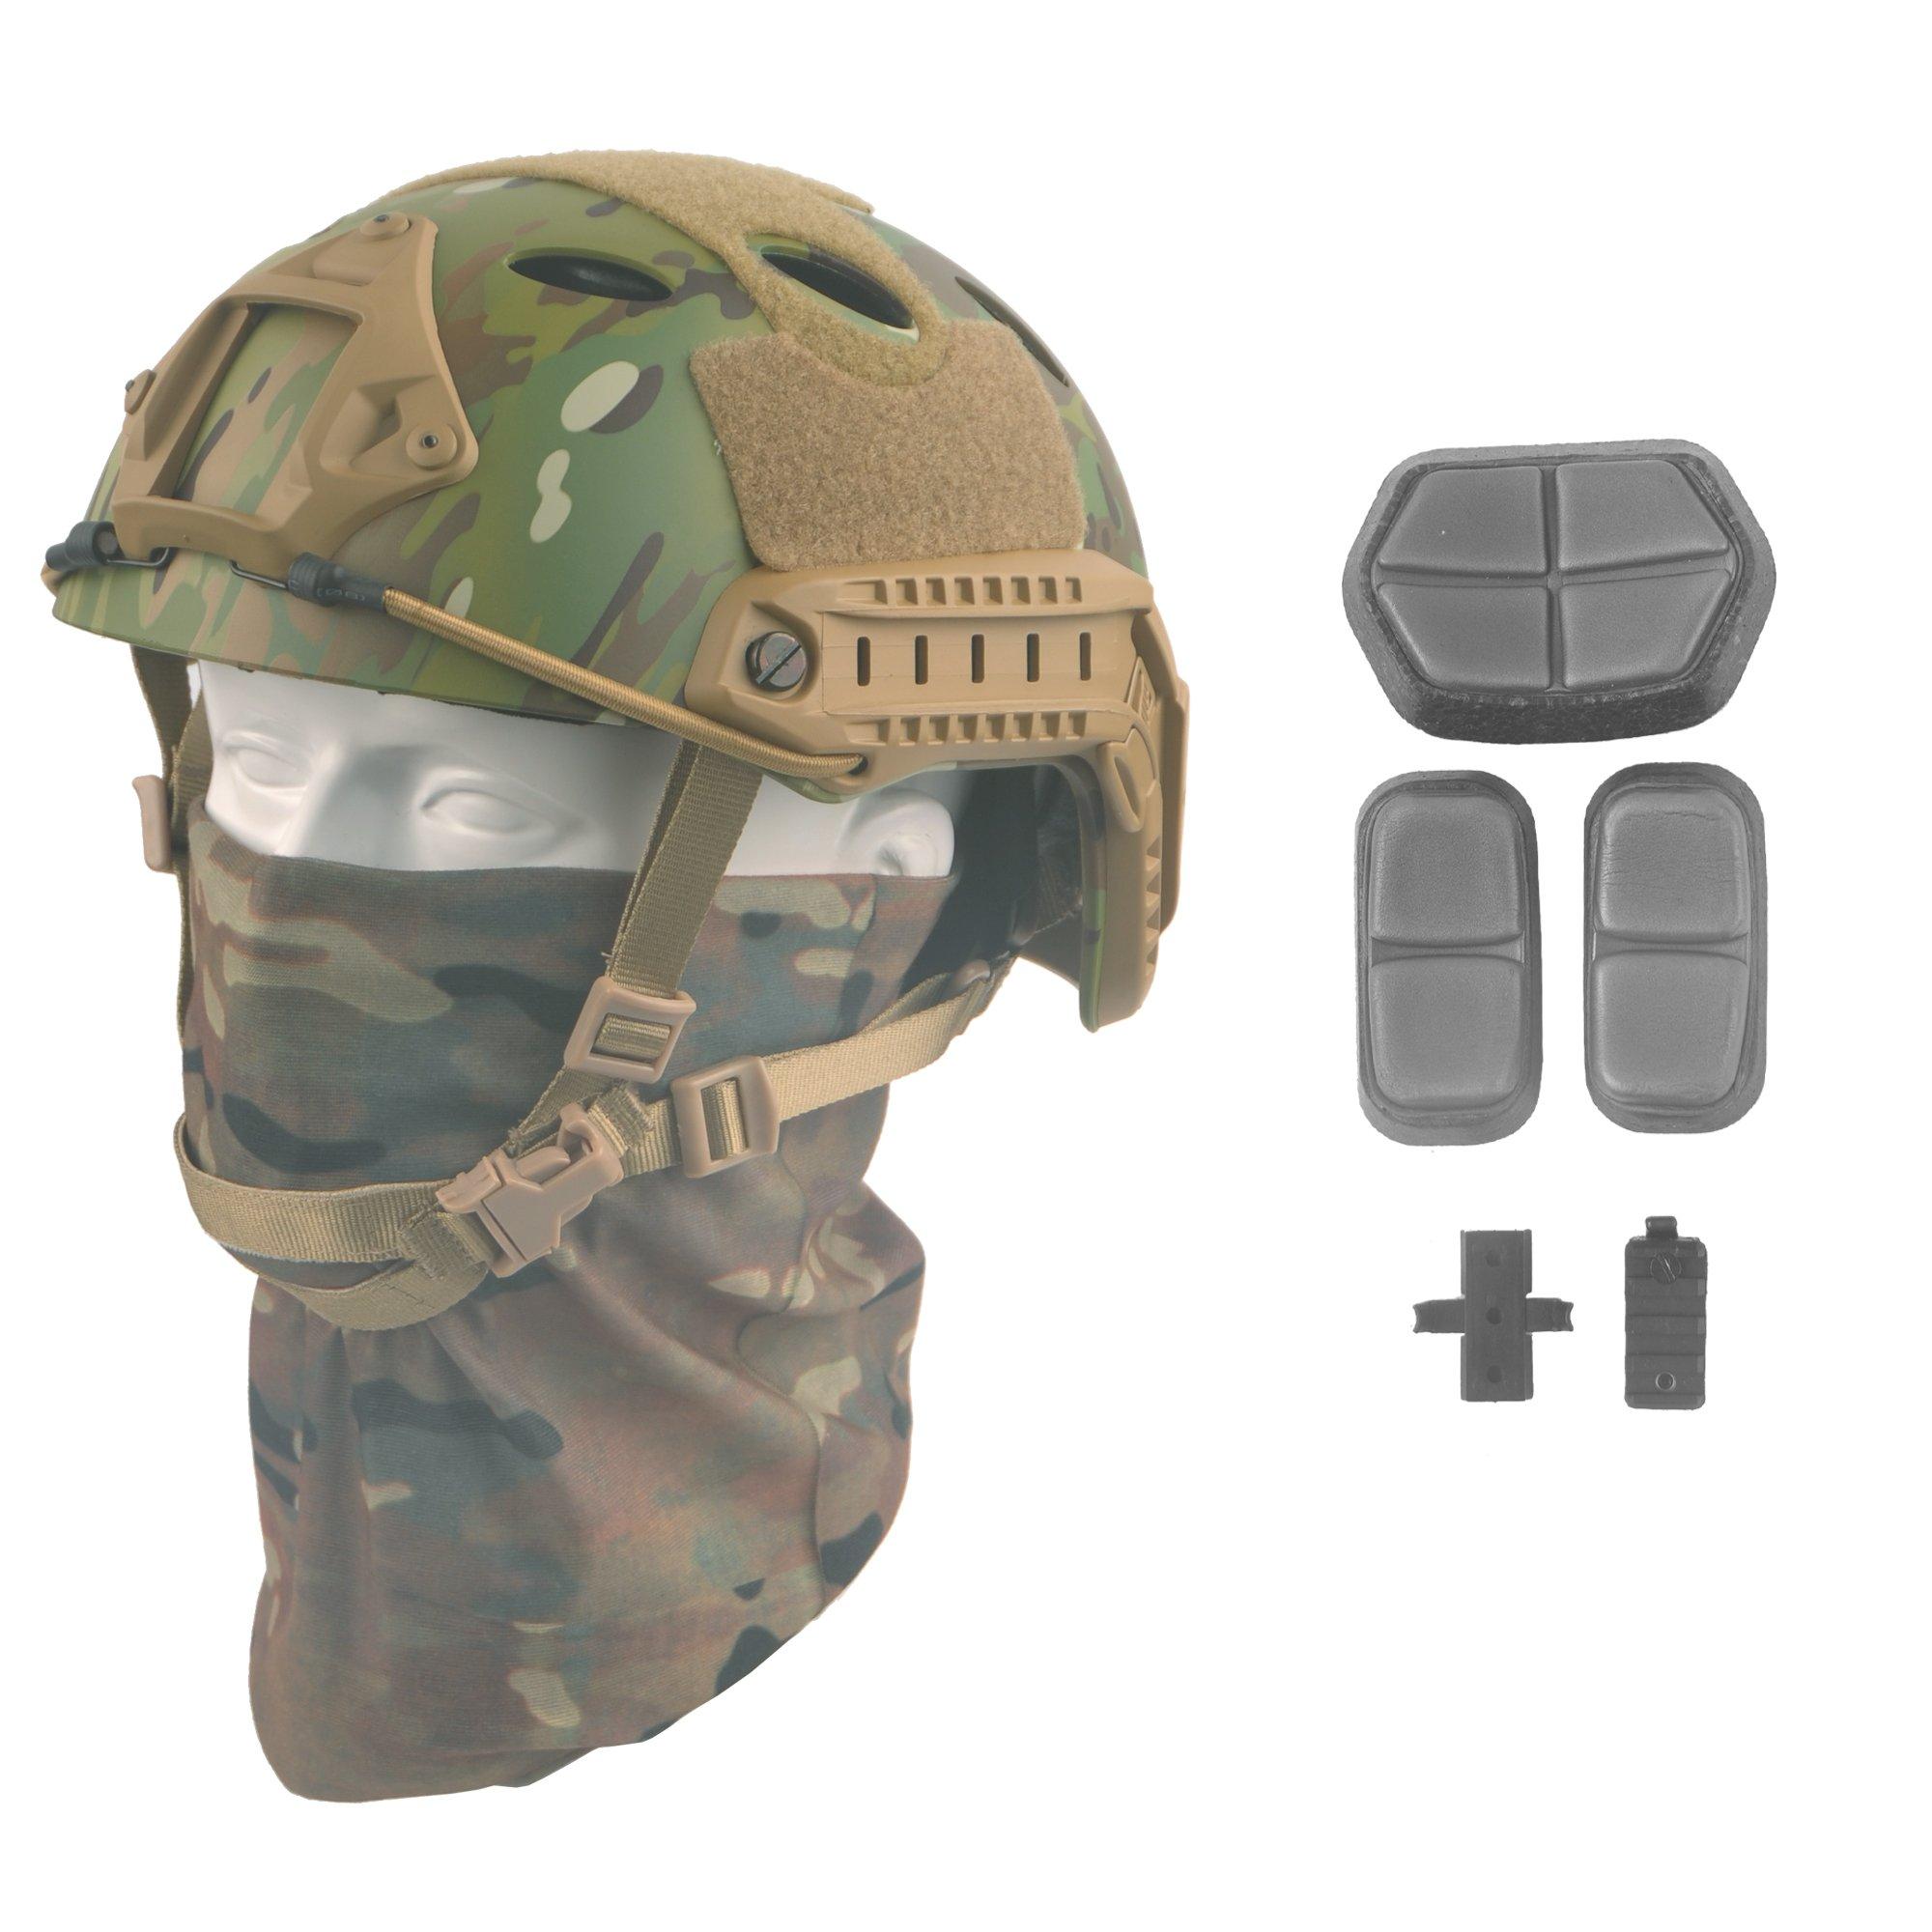 LOOGU Fast PJ Base Jump Military Helmet with 12-in-1 Headwear(MC) by LOOGU